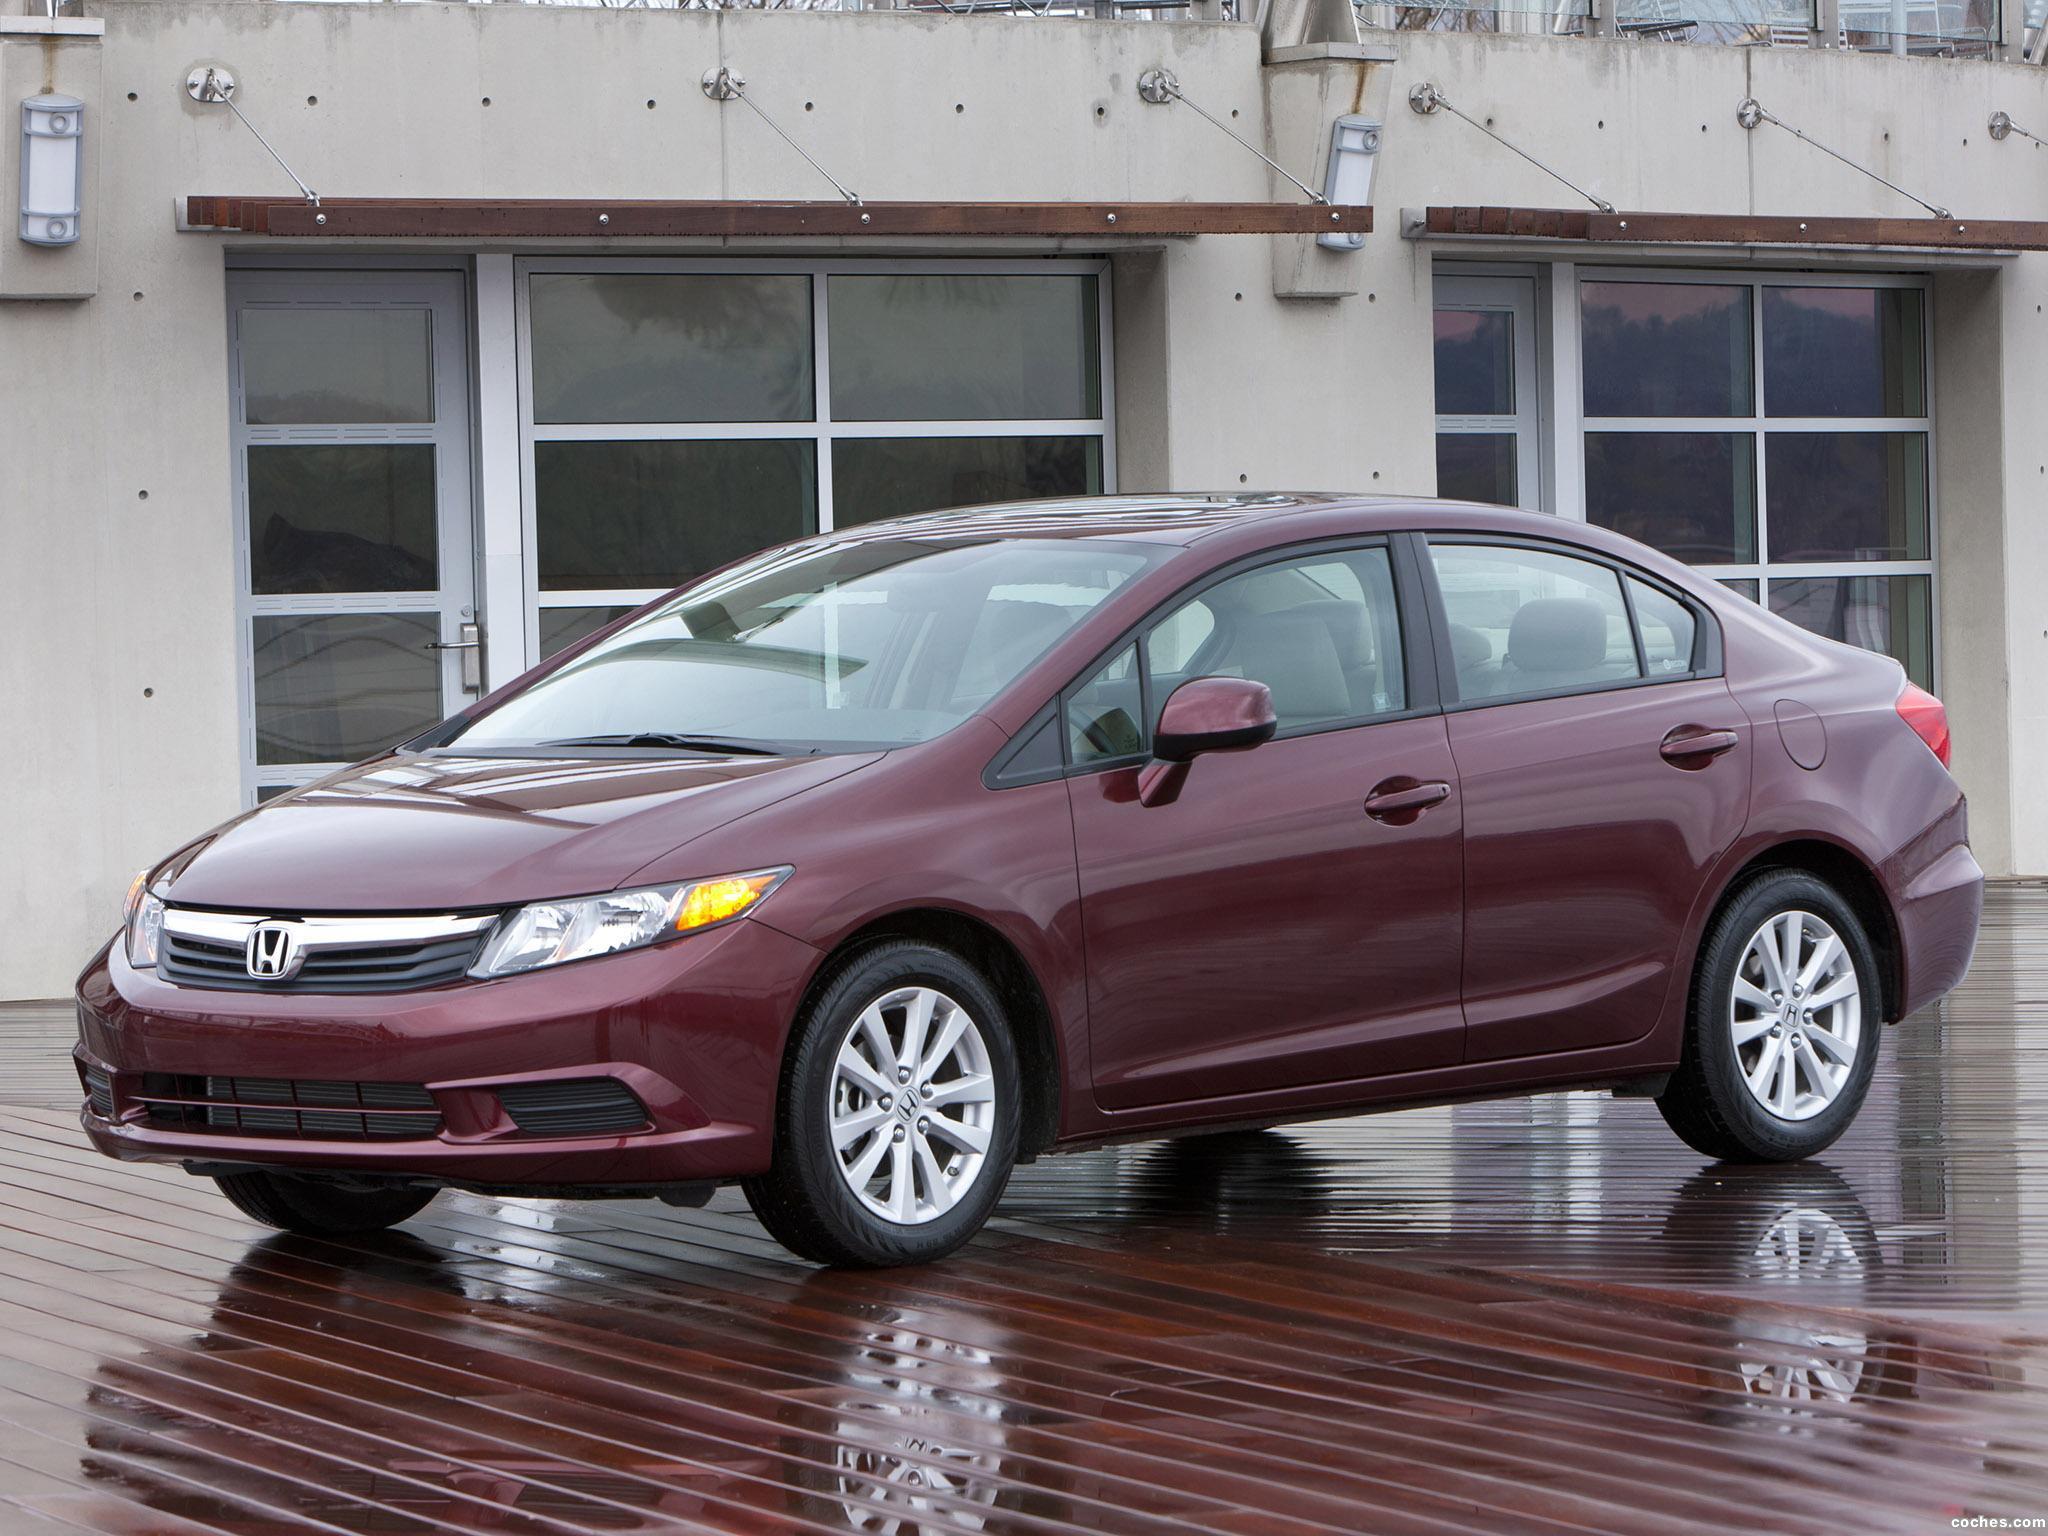 Foto 1 de Honda Civic EX-L Sedan 2011